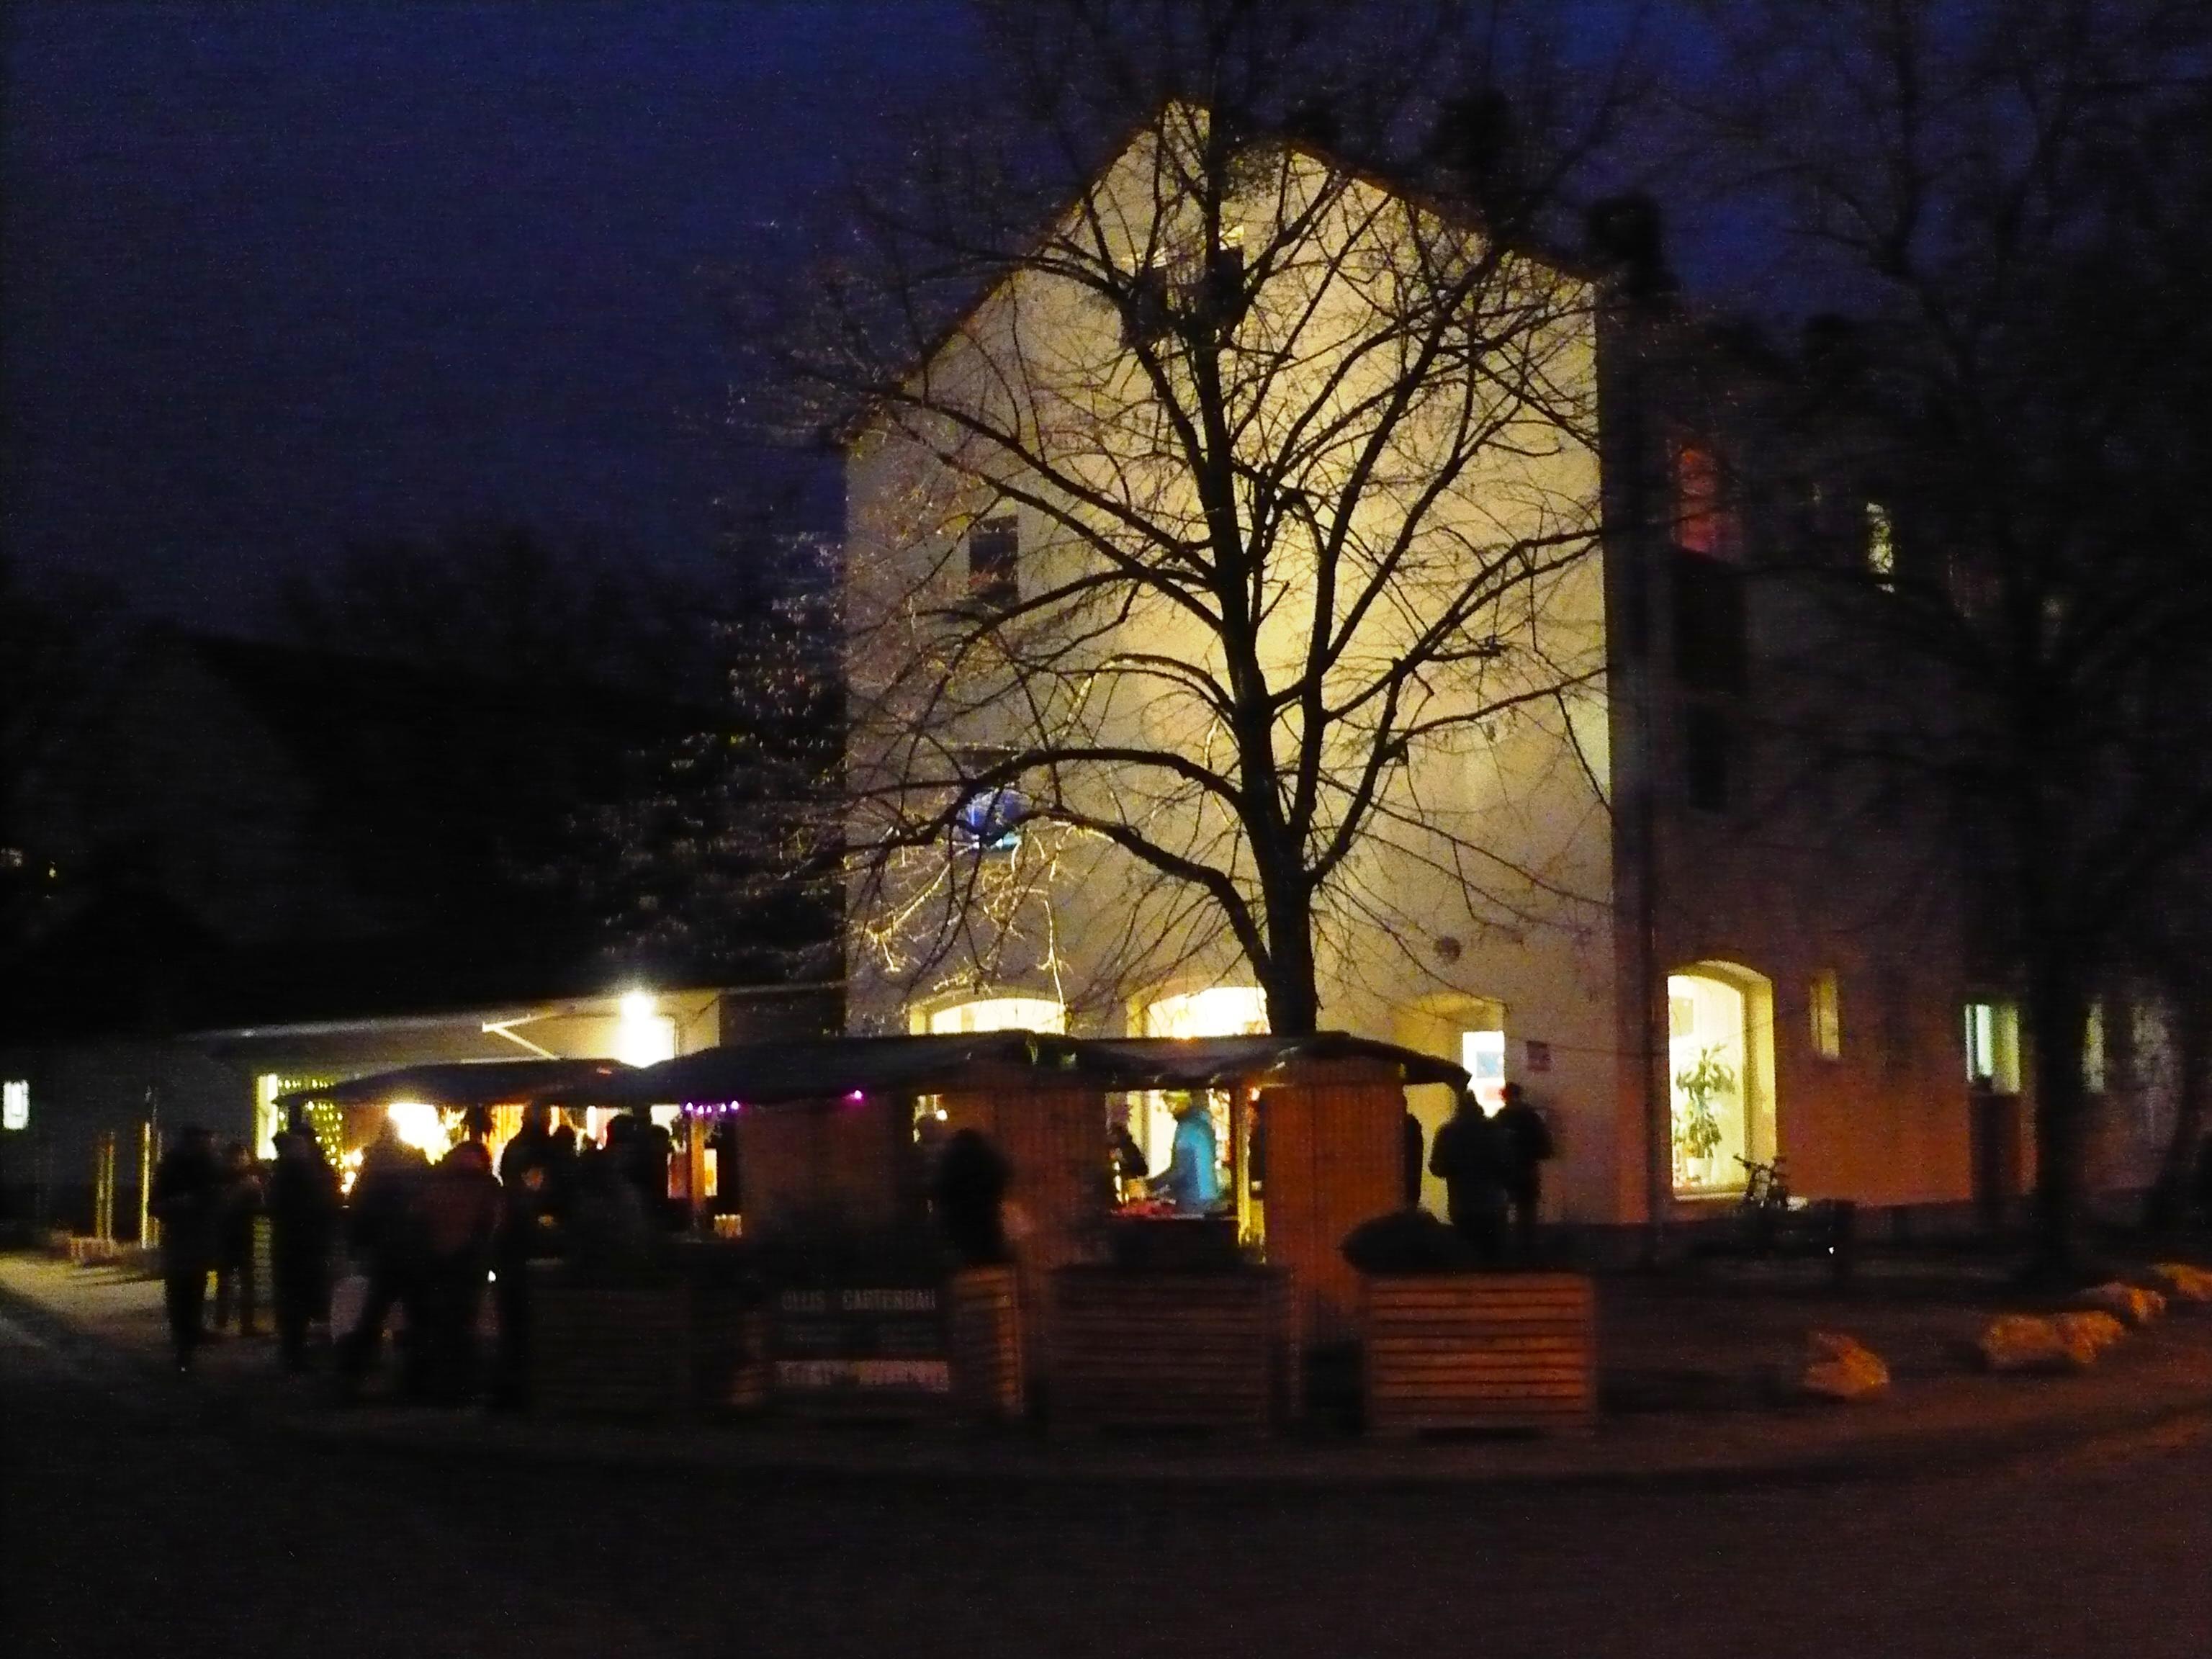 Über 300 Nachbarn und Freunde feiern auf Darmstadts kleinstem Weihnachtsmarkt in der Postsiedlung…